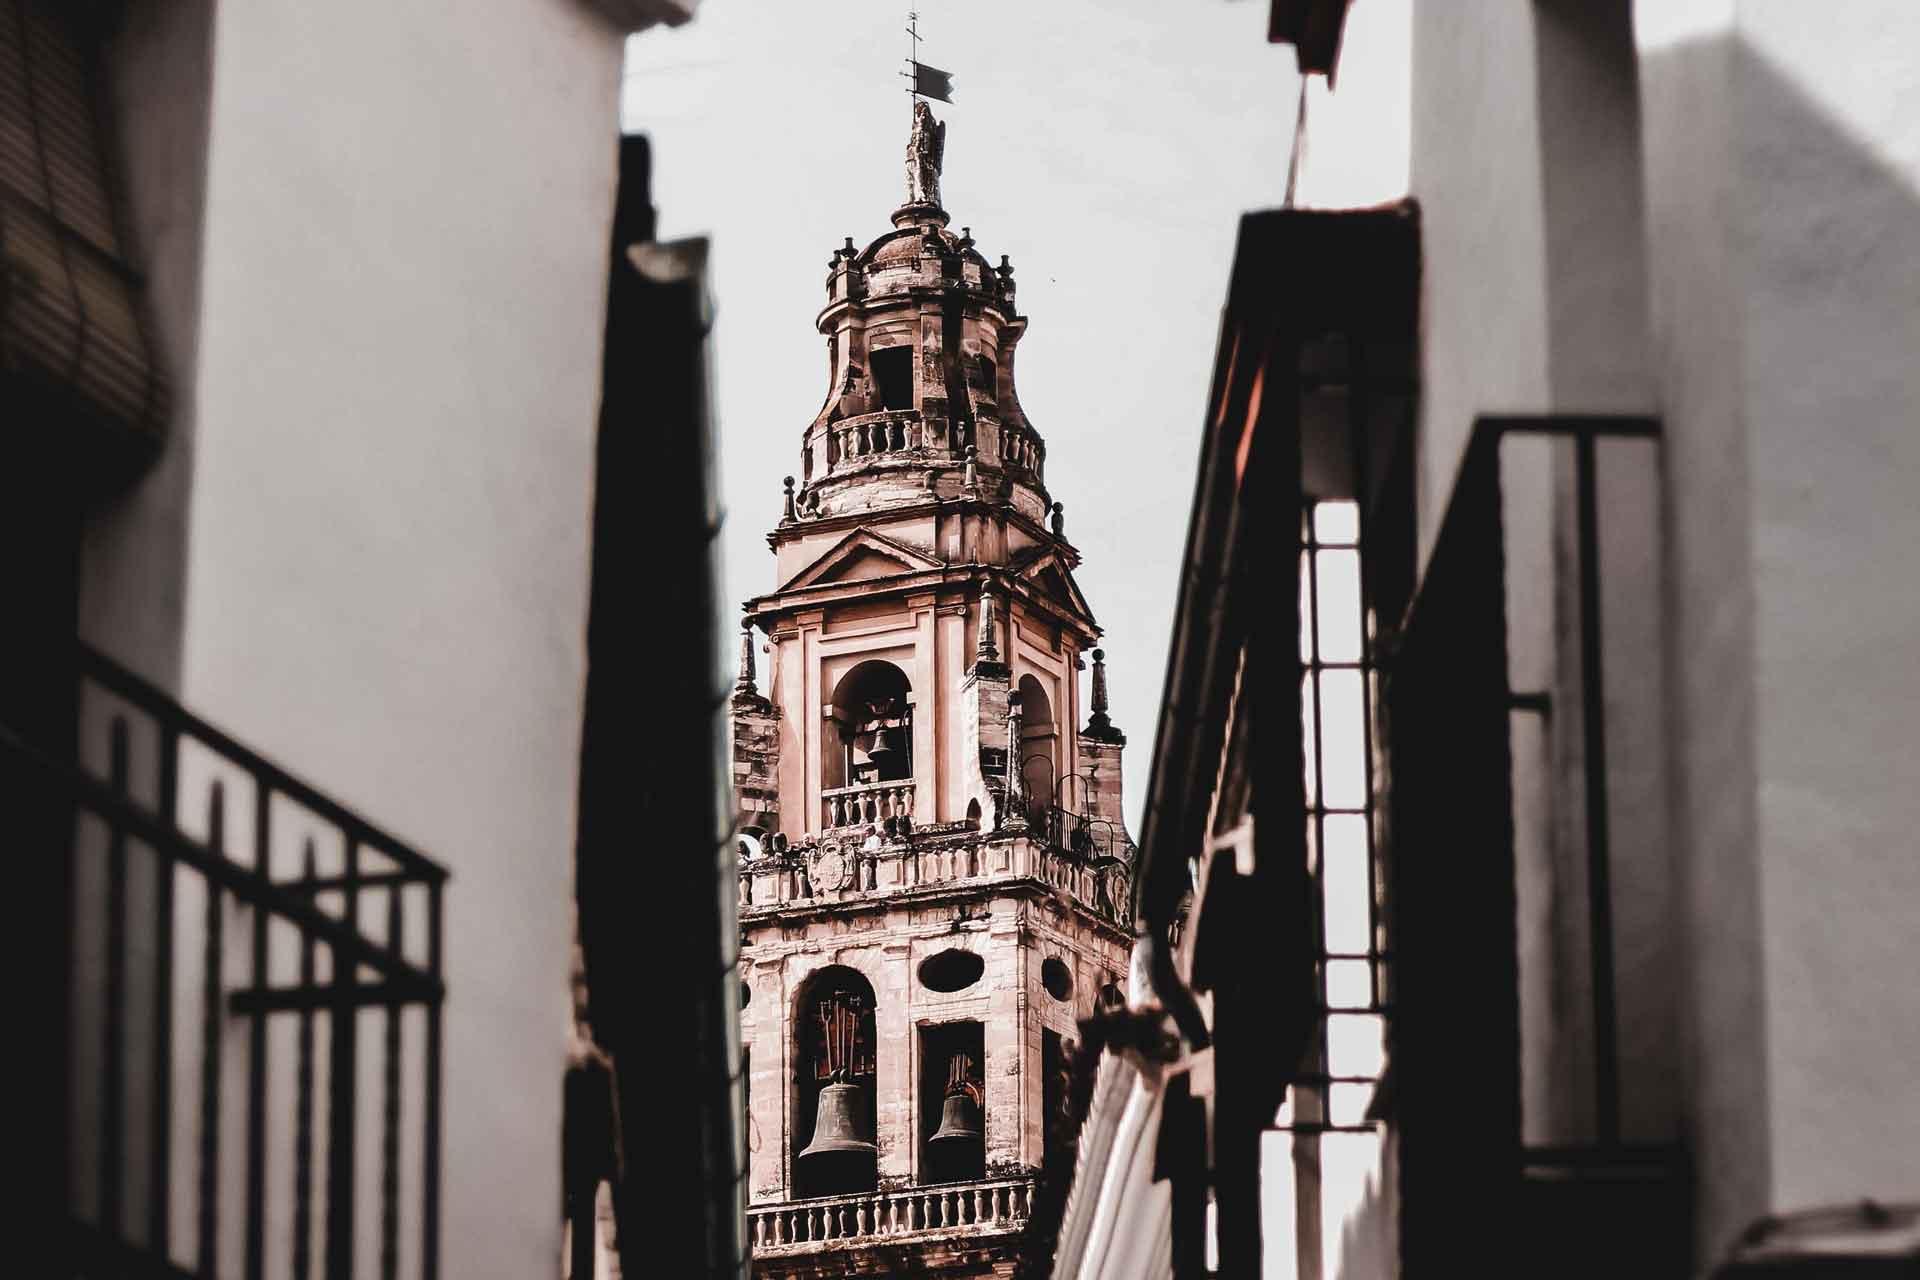 Judería, casco histórico de Córdoba, patrimonio de la humanidad | Jewish quarter, historic center of Córdoba, World Heritage Site | Juiverie, Vieux Quartier, Patrimoine de l'Humanité